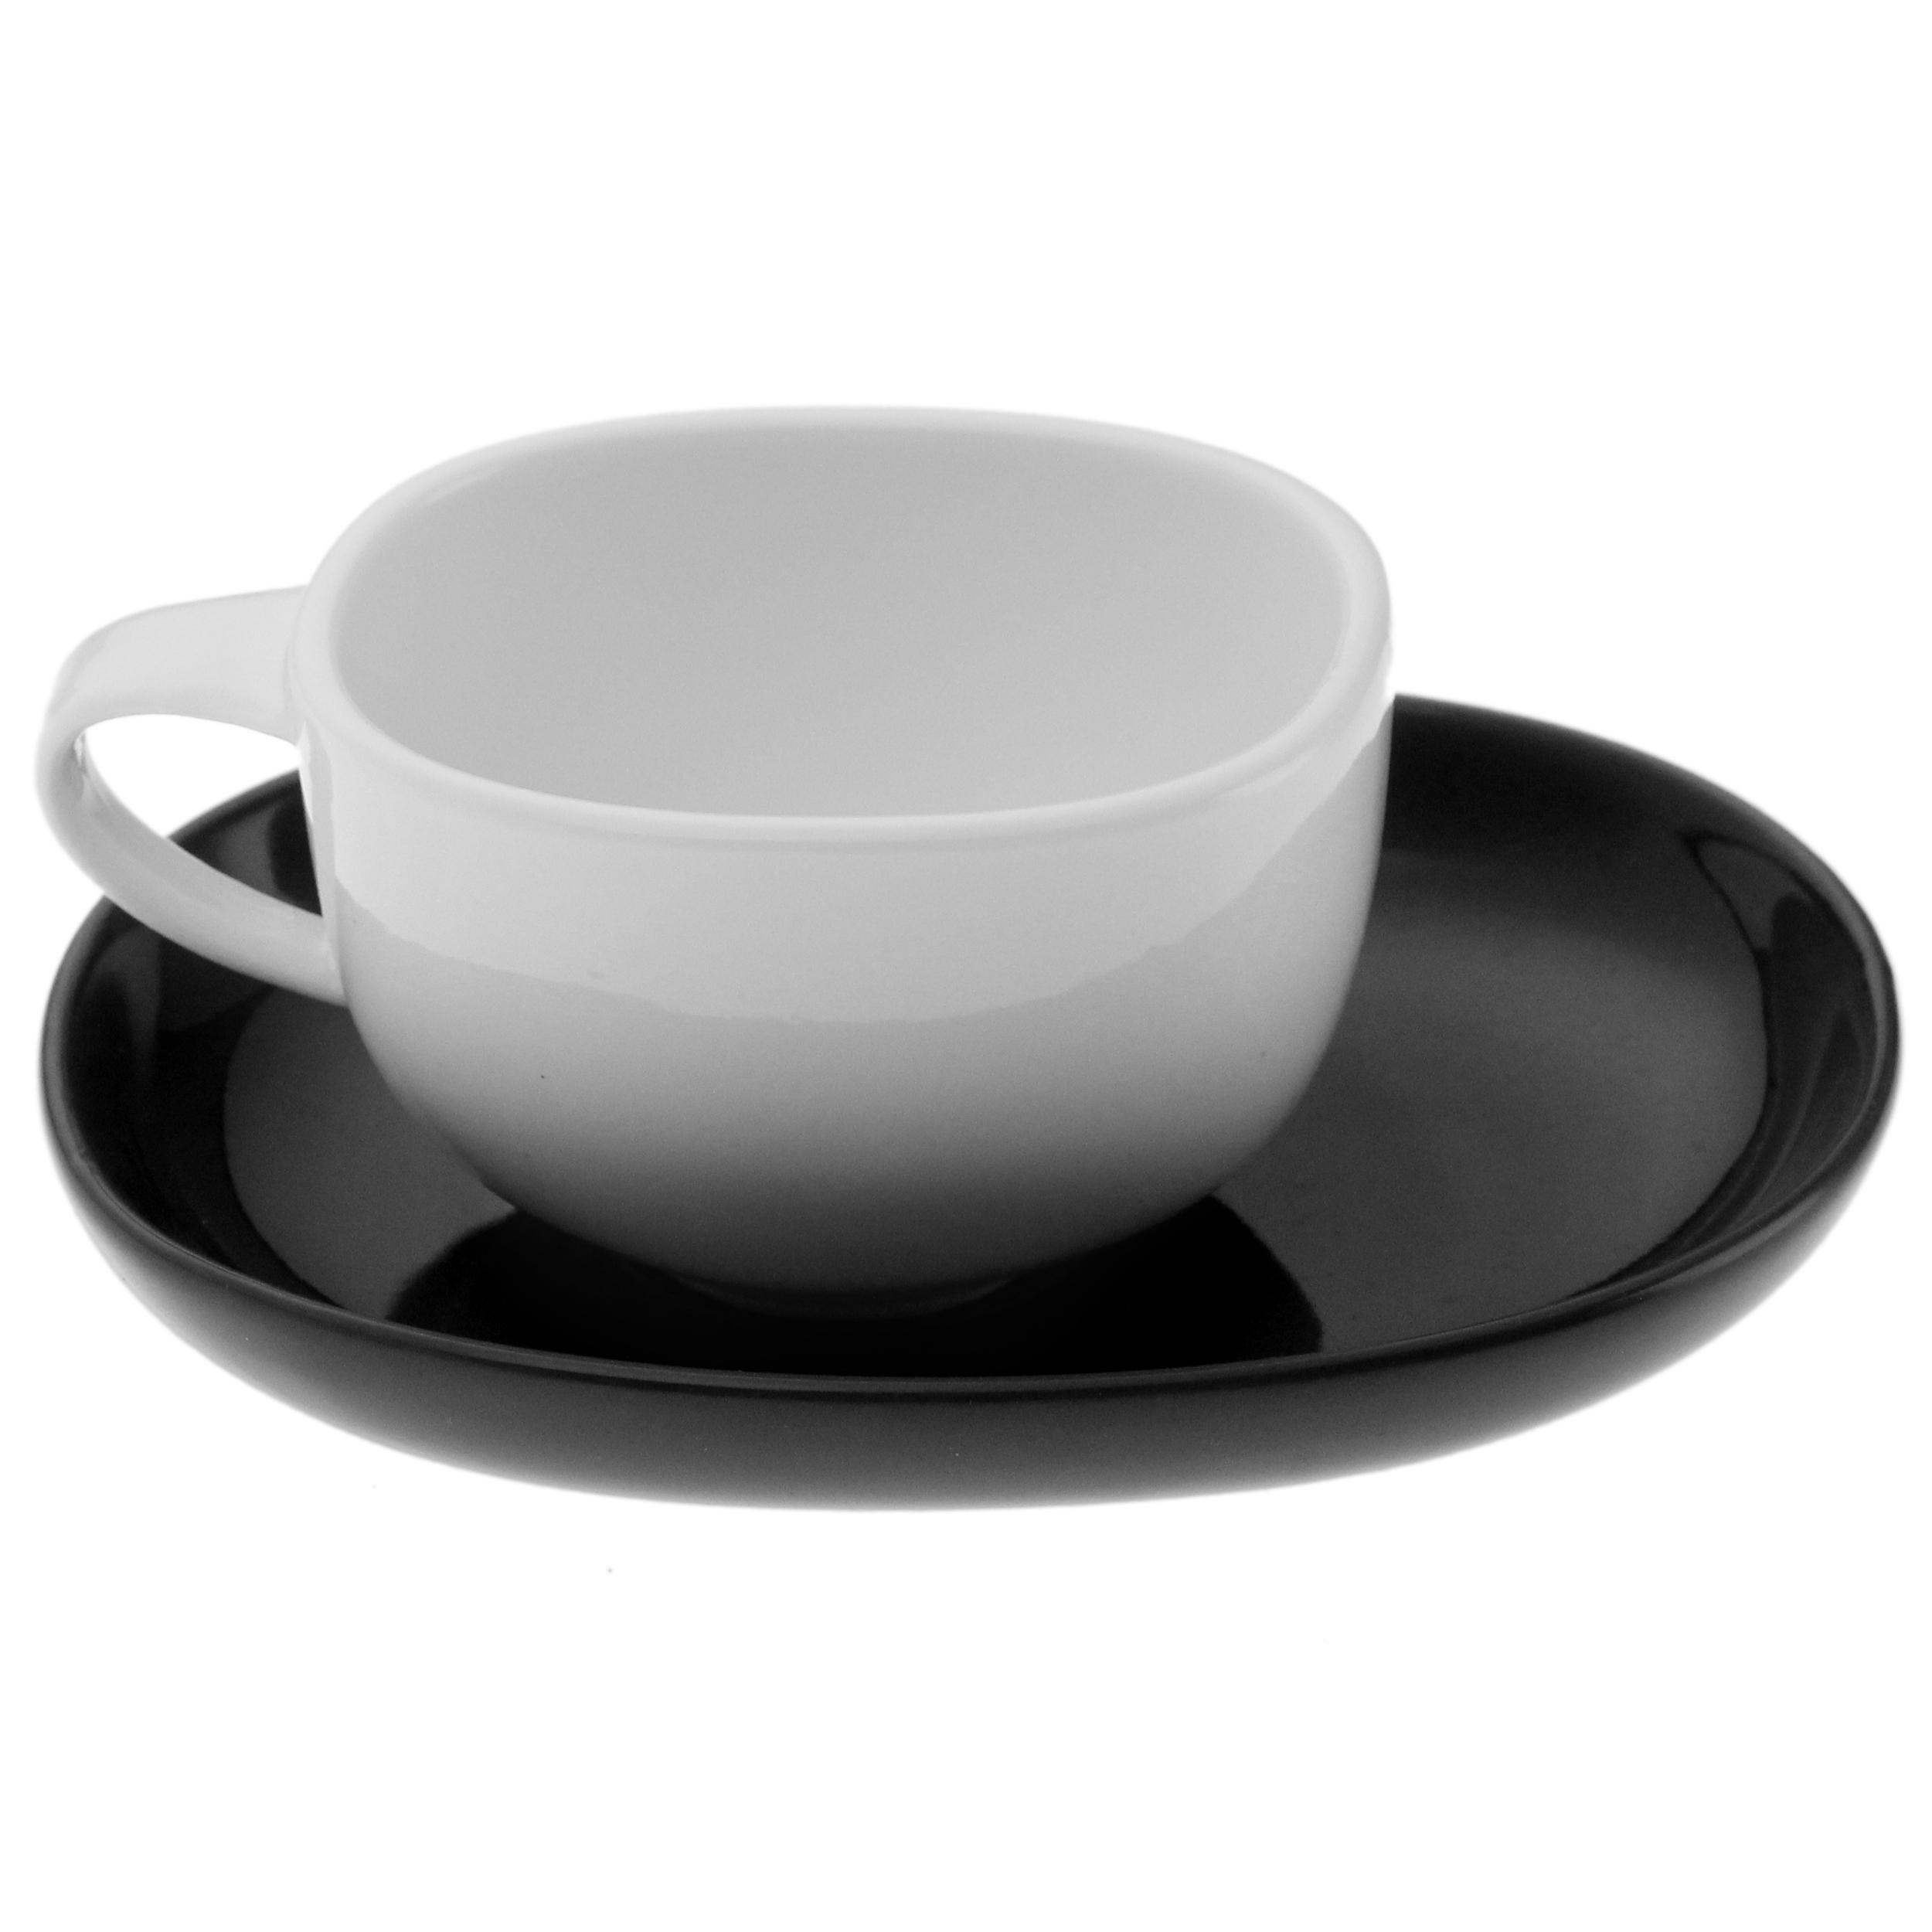 سرویس قهوه خوری 12 پارچه وان کافی مدل بارکا کالر کد JX002-230-C